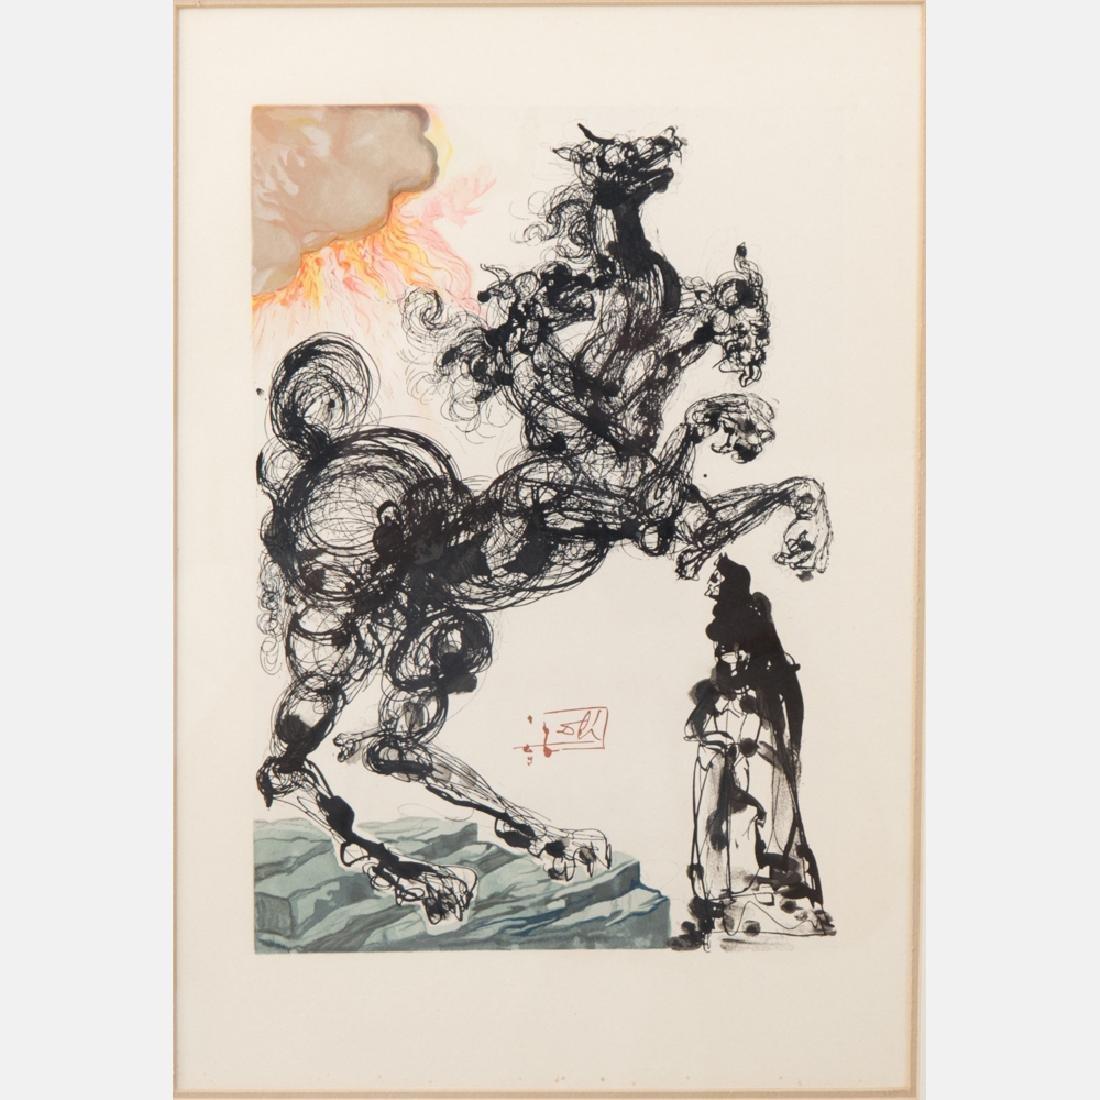 Salvador Dali (1904-1989) Cerberus/Inferno 6 (From the